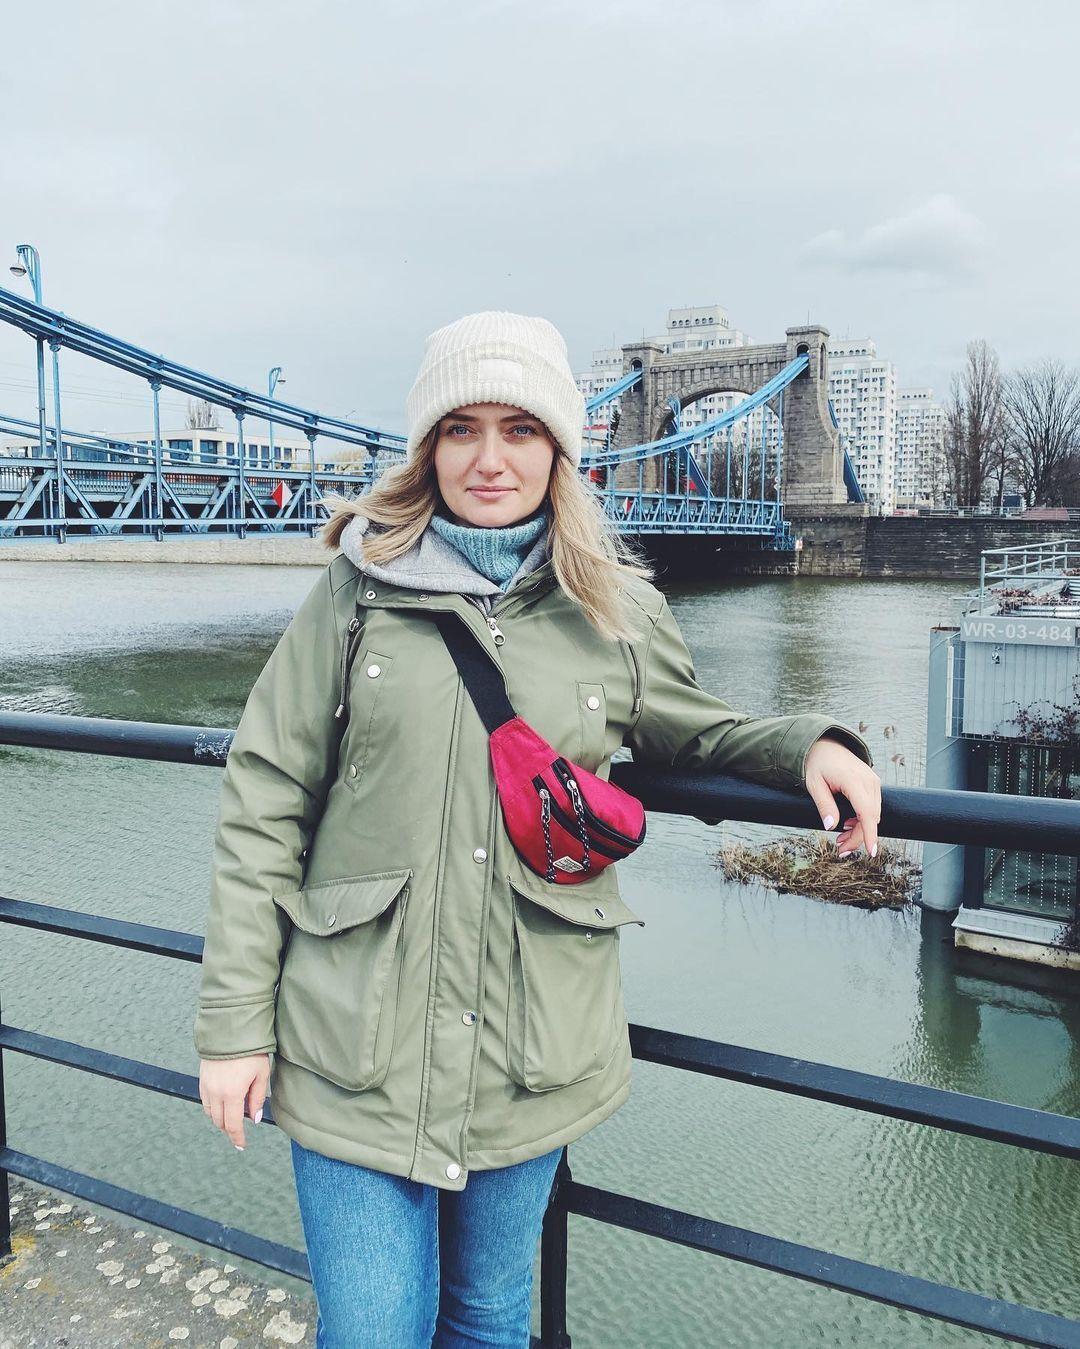 Українка зізналася, що після переїзду в Польщу поки не планує кардинально міняти своє життя знову